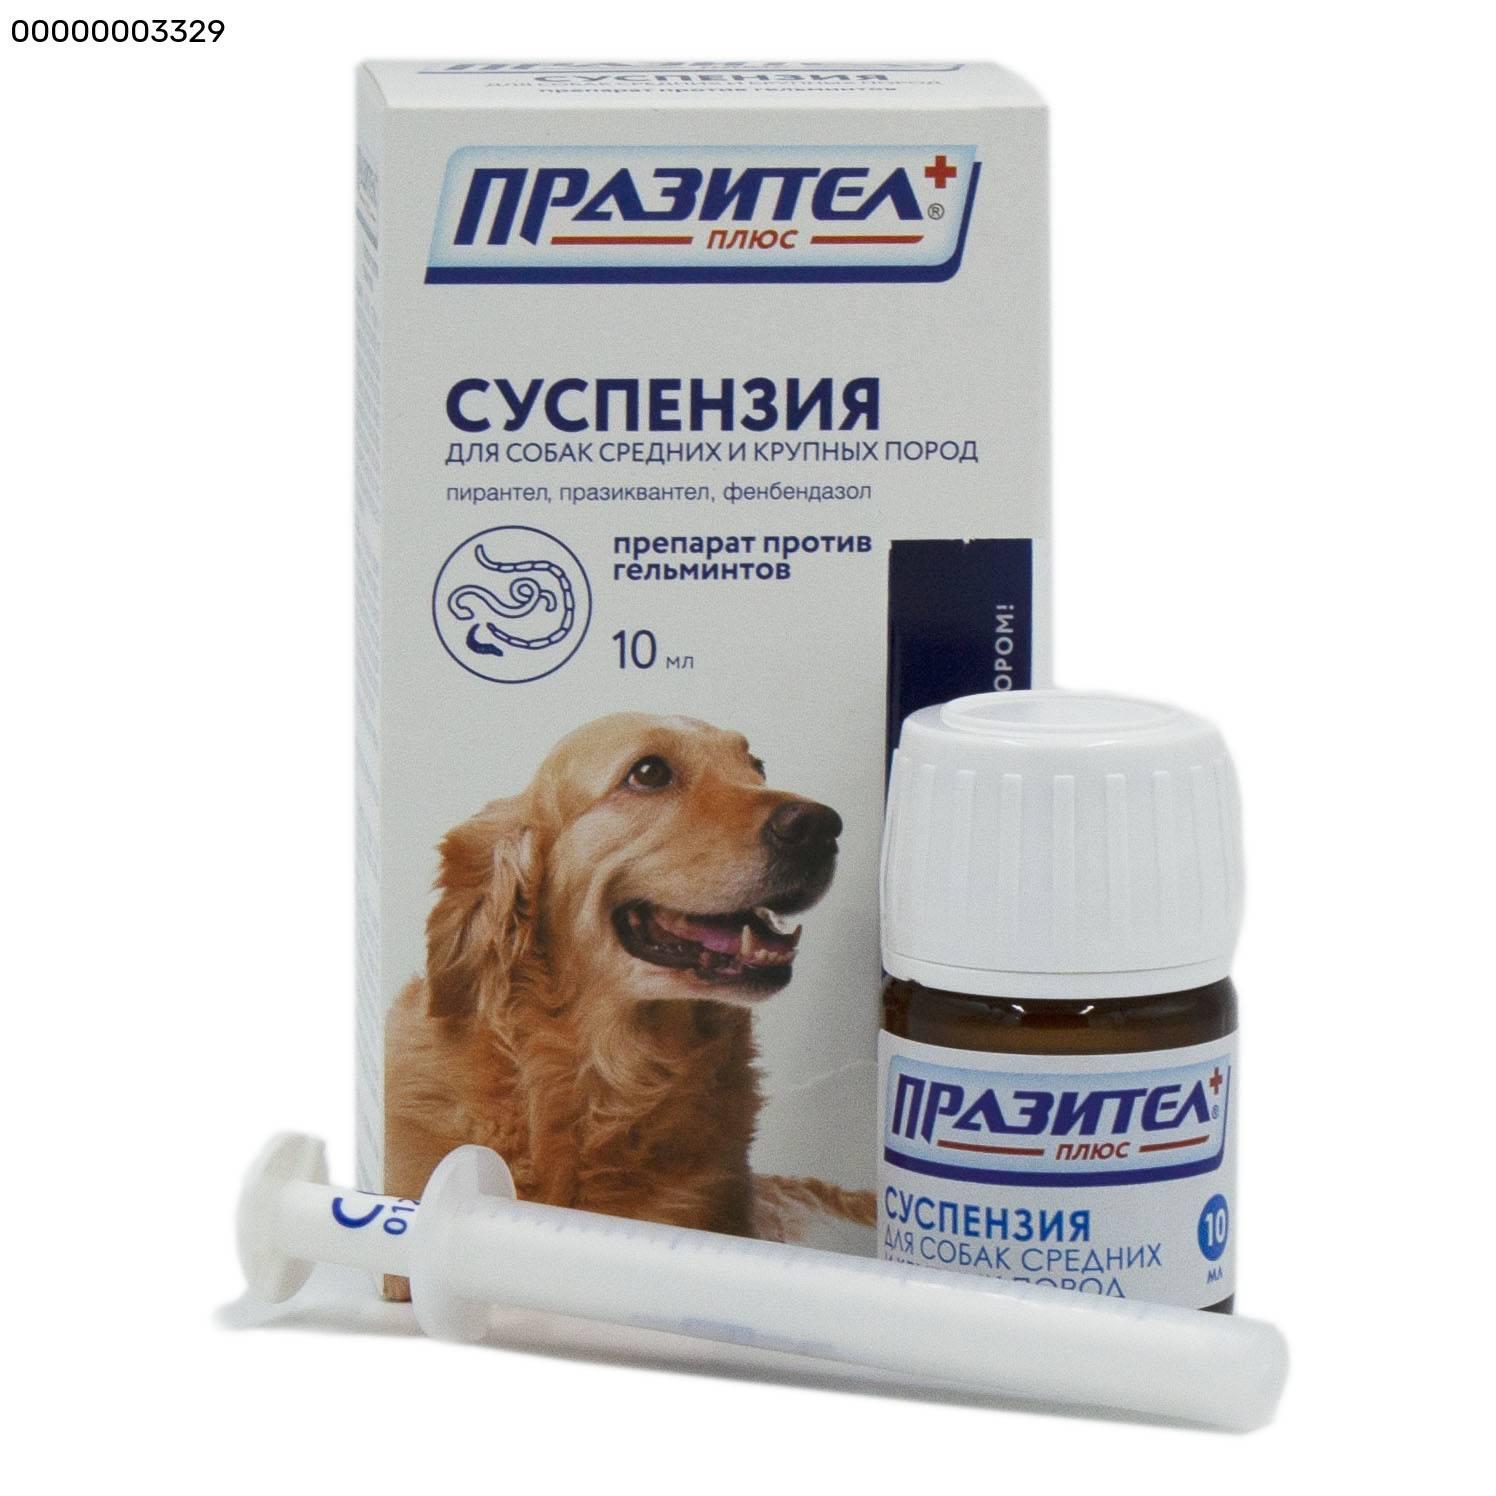 Празител для собак: стоимость, фармакологическое действие, отзывы ветеринаров - kupipet.ru